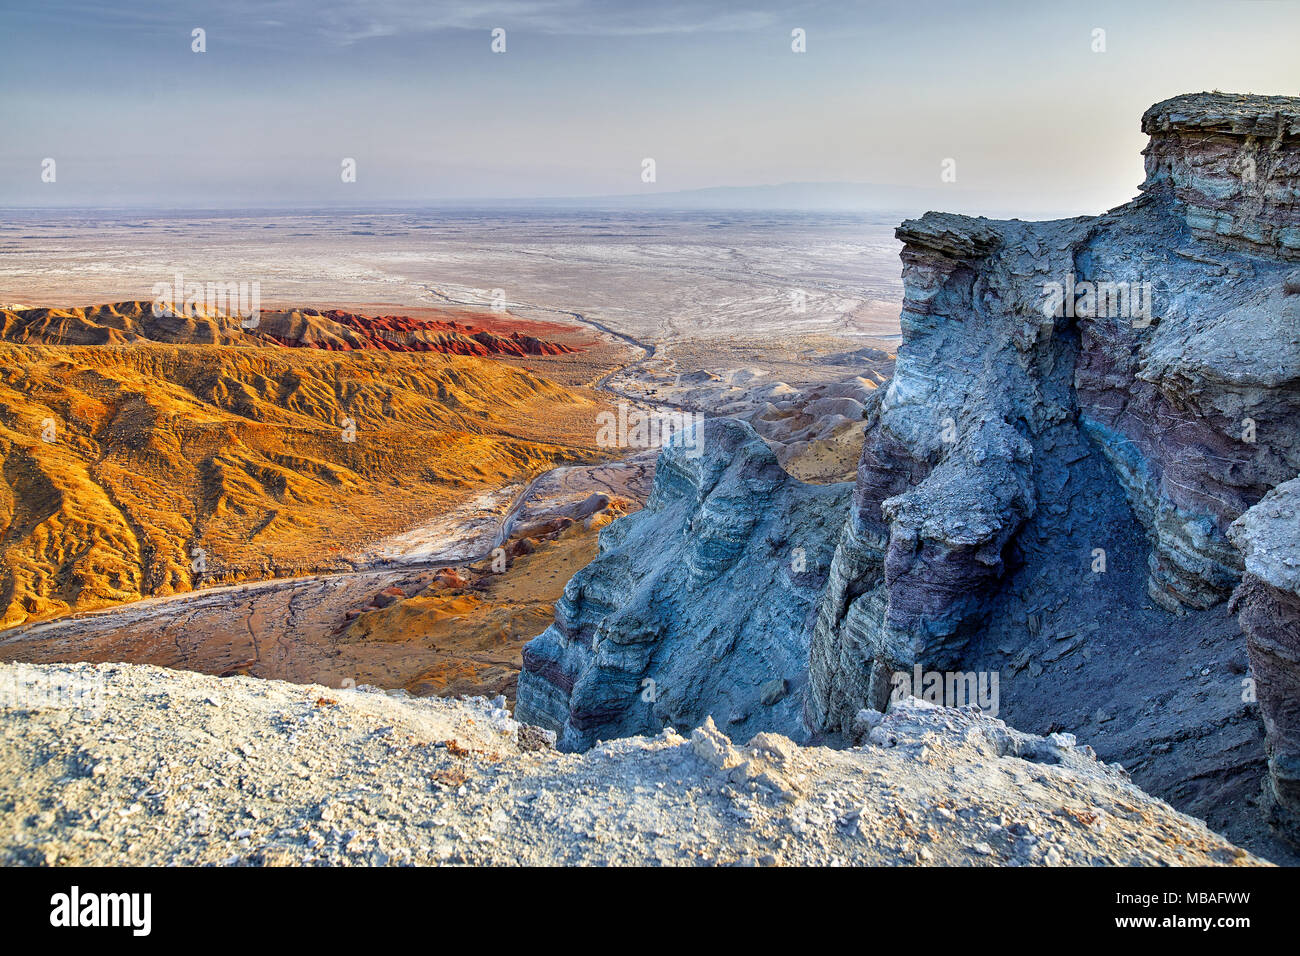 Vue aérienne de montagnes en couches bizarres dans le parc du désert Altyn Emel au Kazakhstan Photo Stock